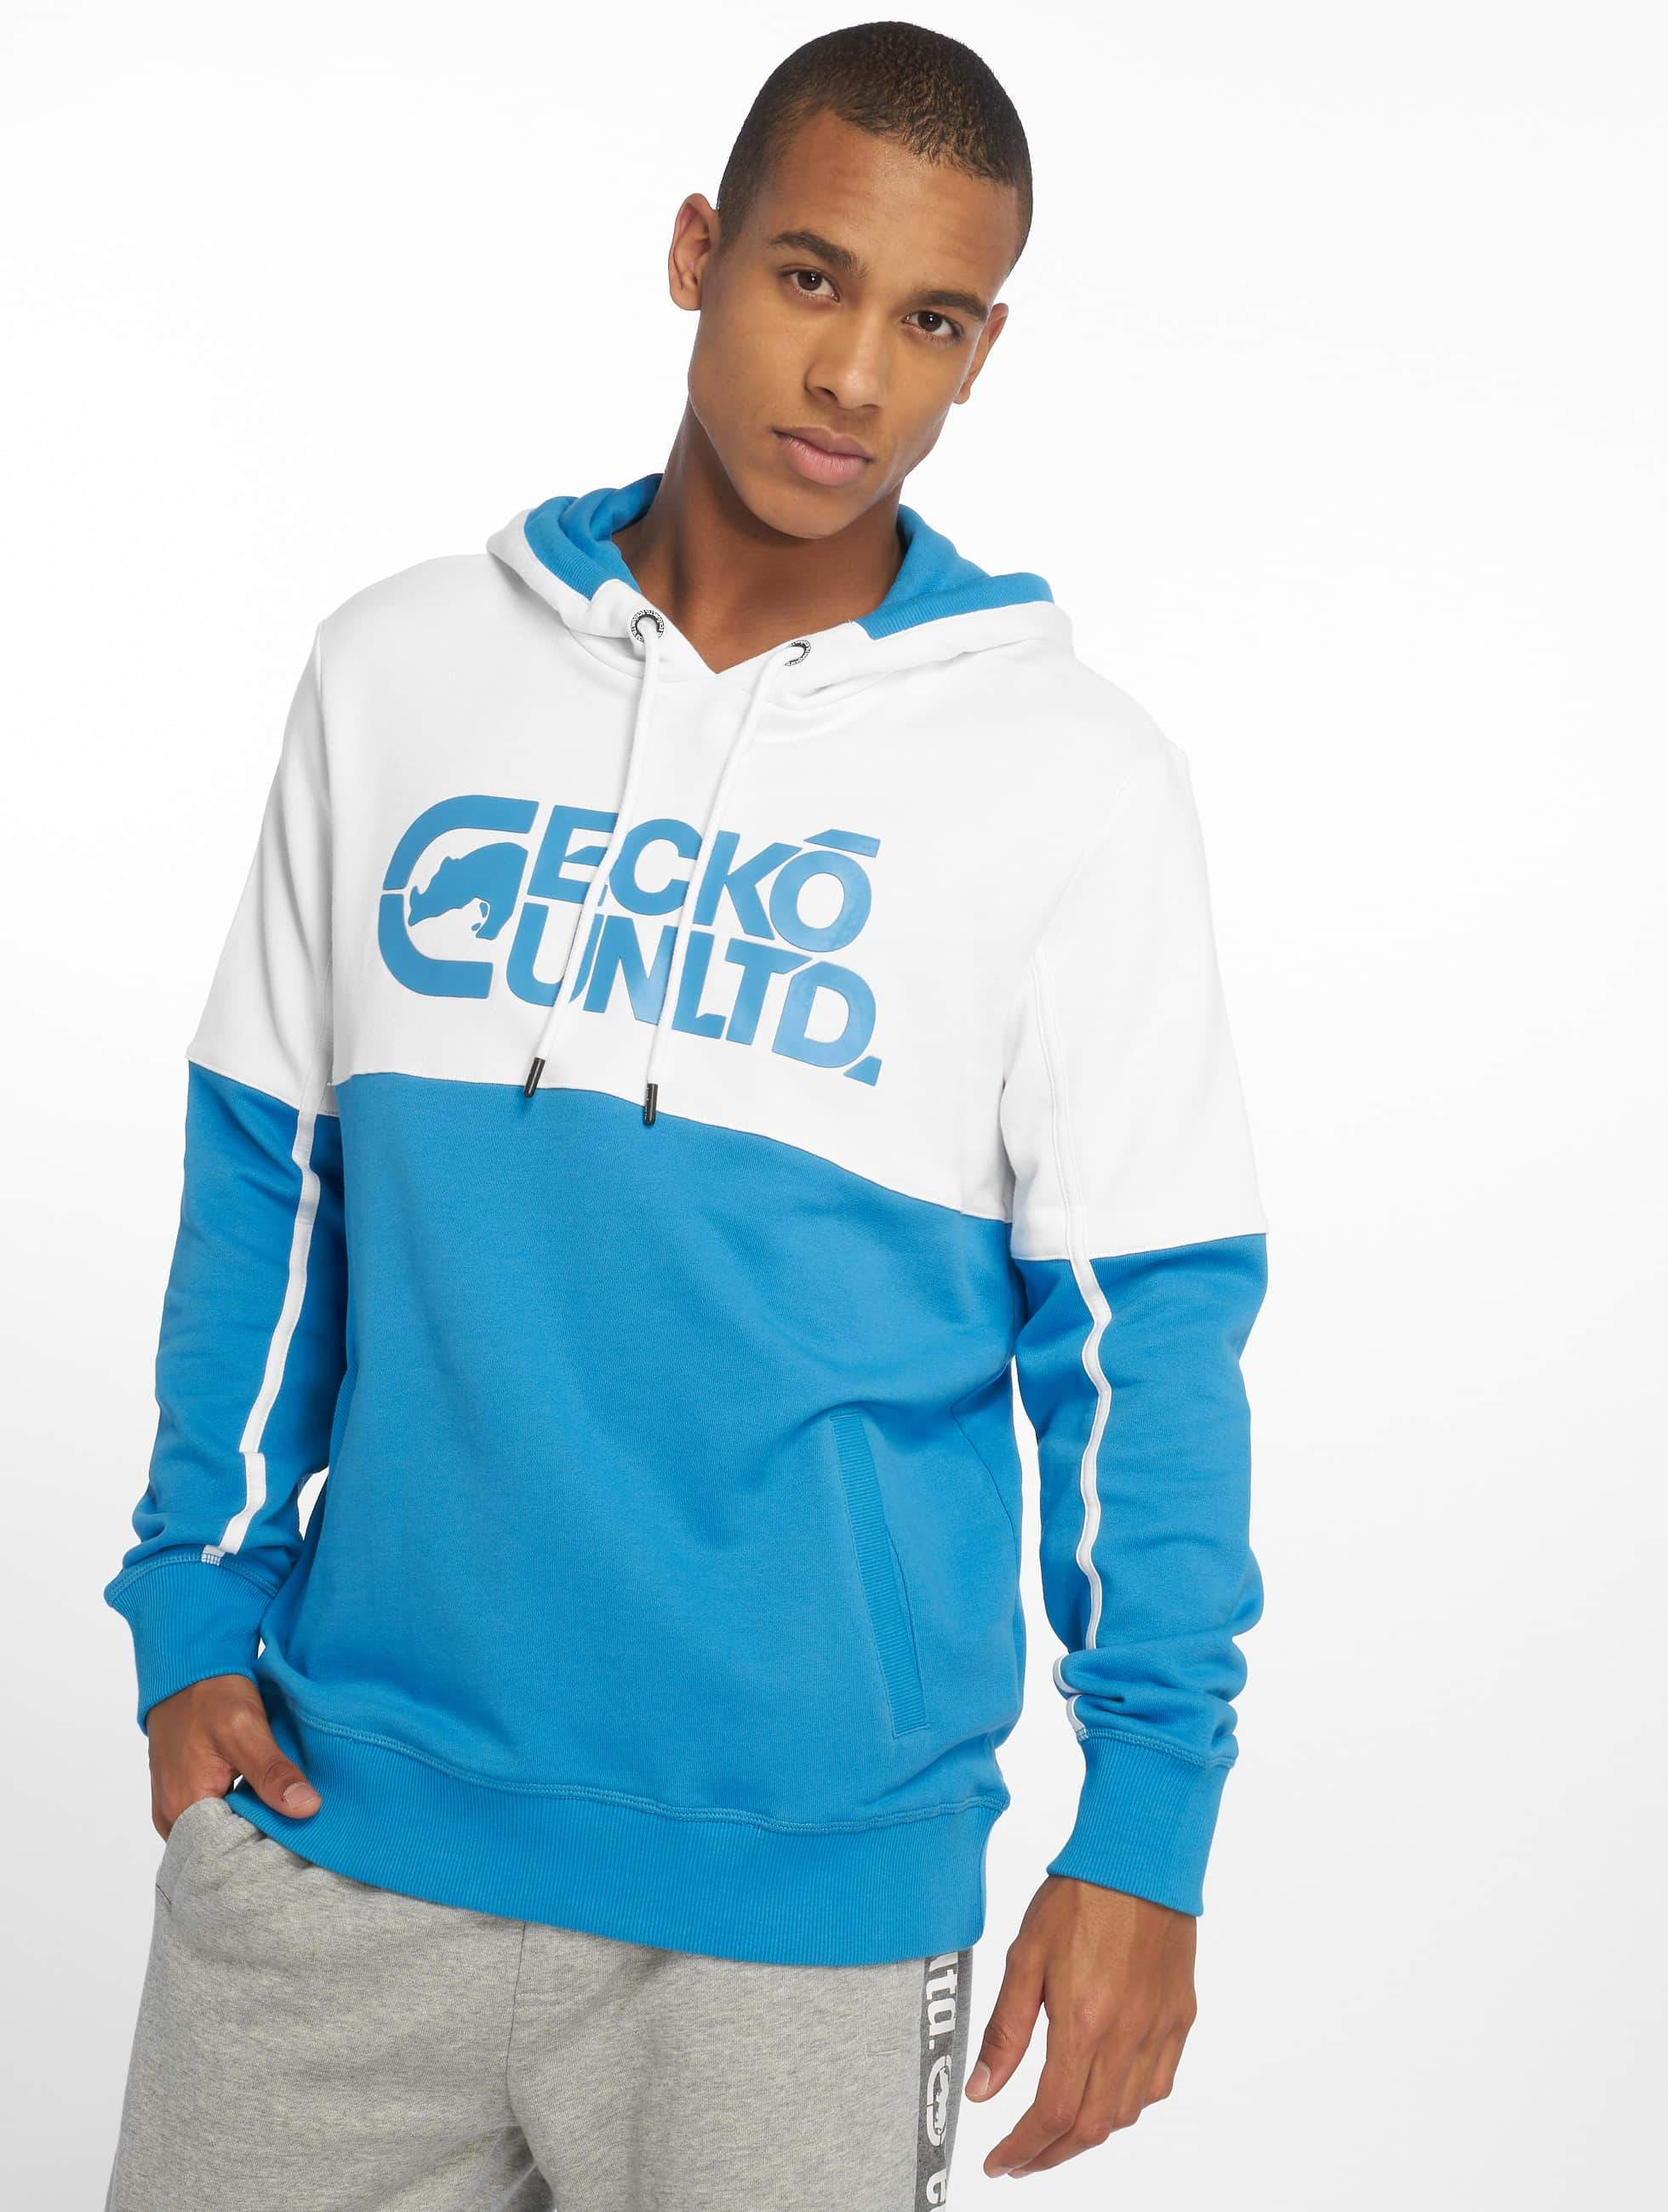 Ecko Unltd. / Hoodie Morgen Hill in blue 3XL